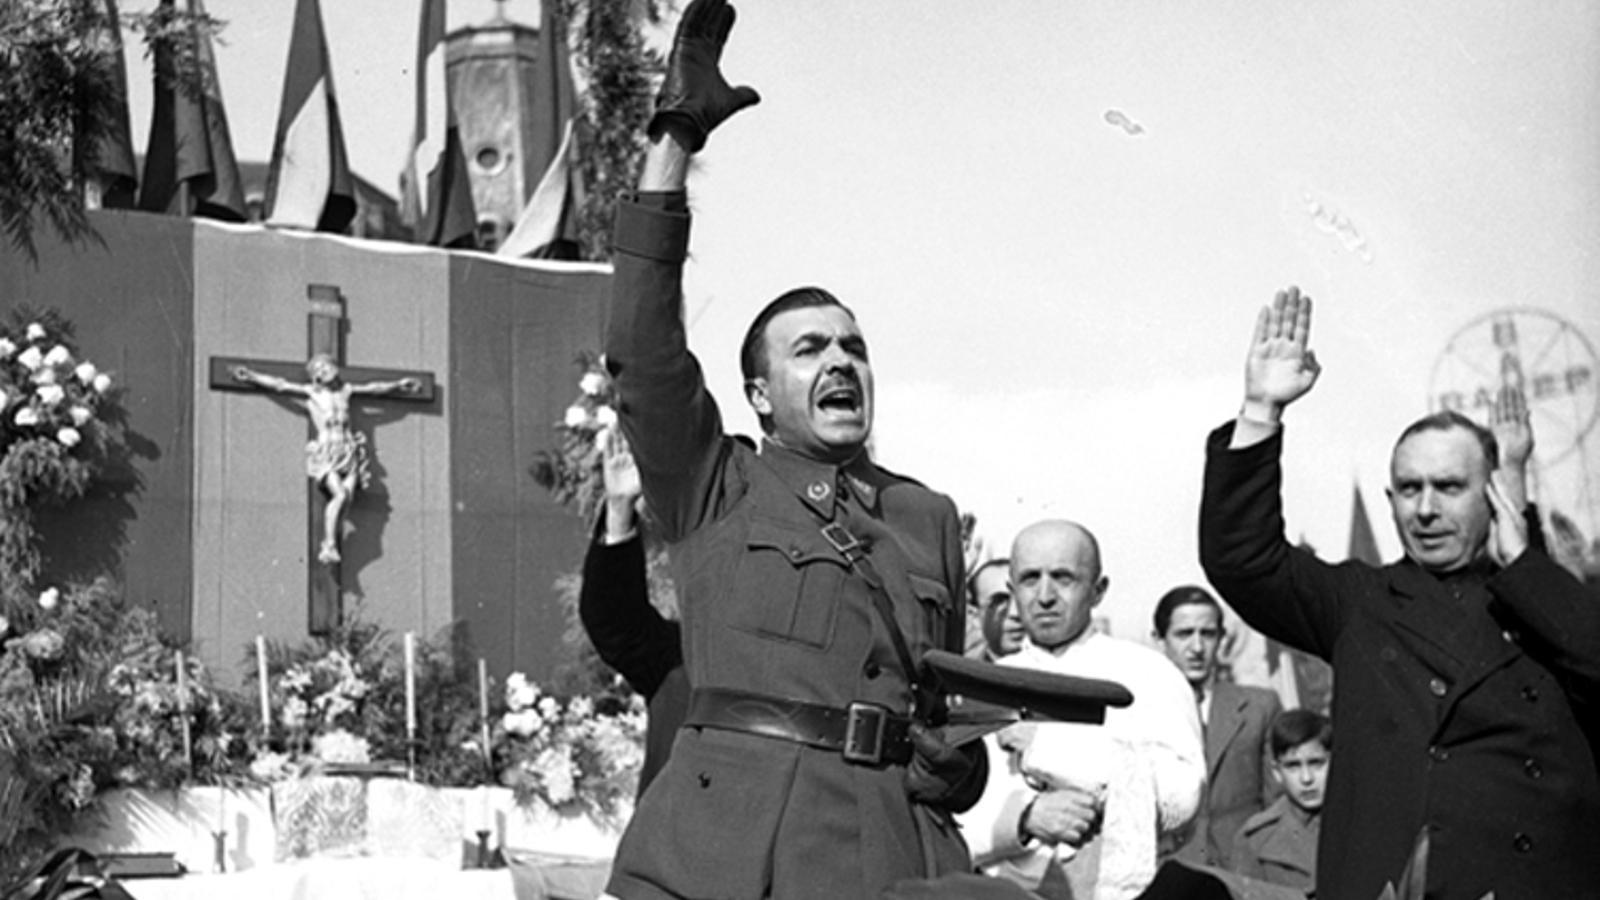 Miquel Mateu escolta missa a principis de 1939, poc després de l'entrada de l'exèrcit franquista a Barcelona i de ser-ne nomenat alcalde.